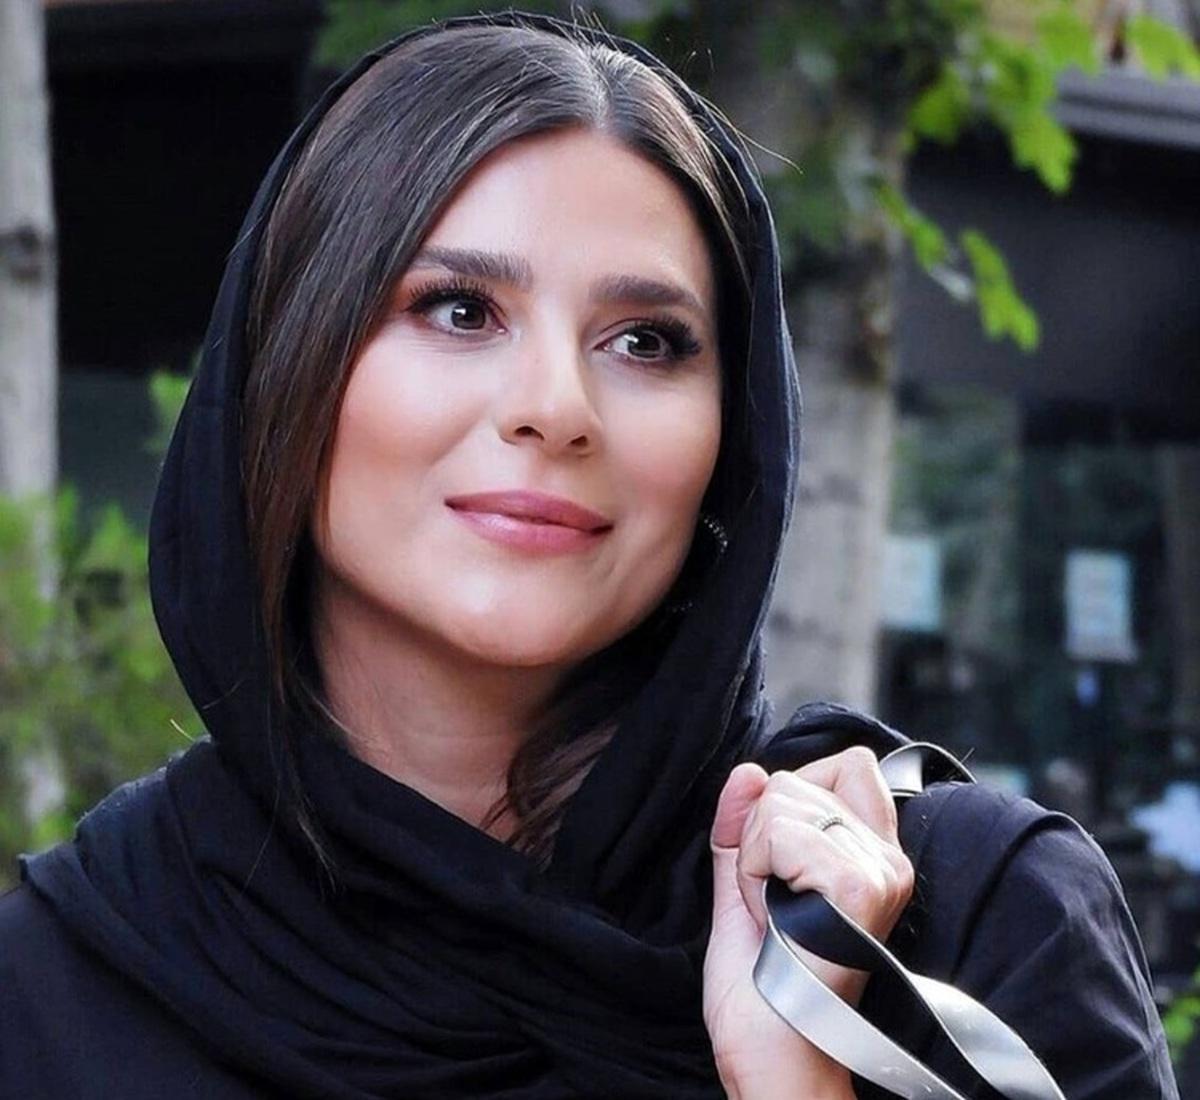 تیپ متفاوت سحر دولتشاهی د ر کنار گلزار و امین حیایی + عکس